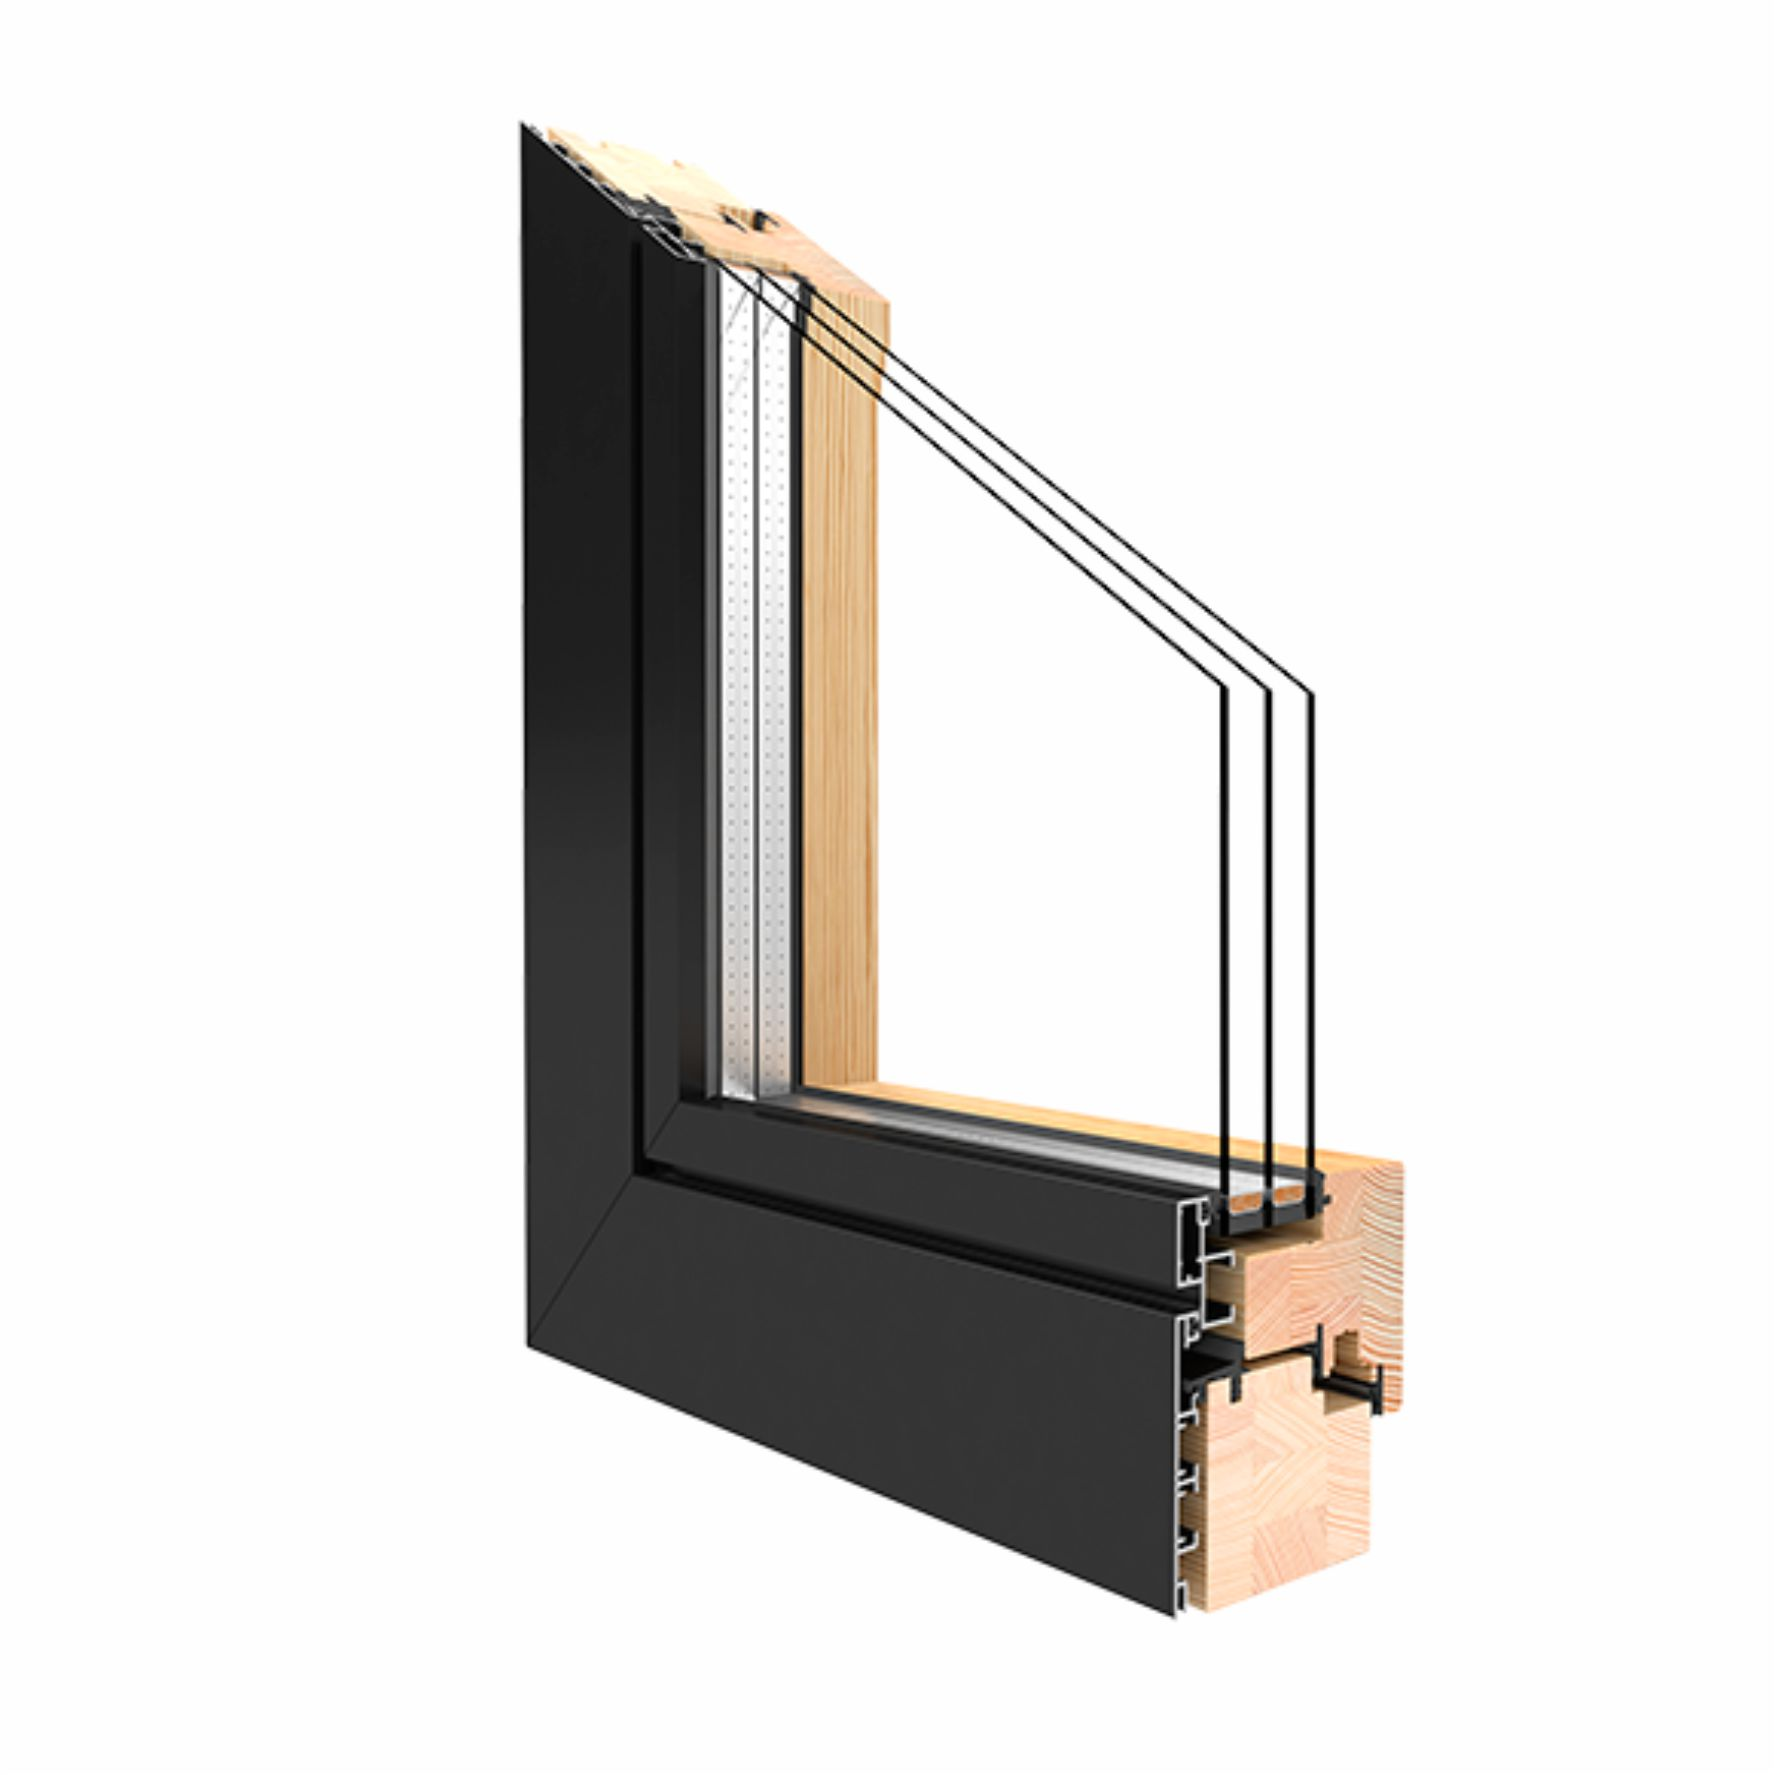 Holz alu fenster vorteile  Holz Alu Fenster Drutex Duoline 78 Kiefer Fenster alle Größen Shop ...